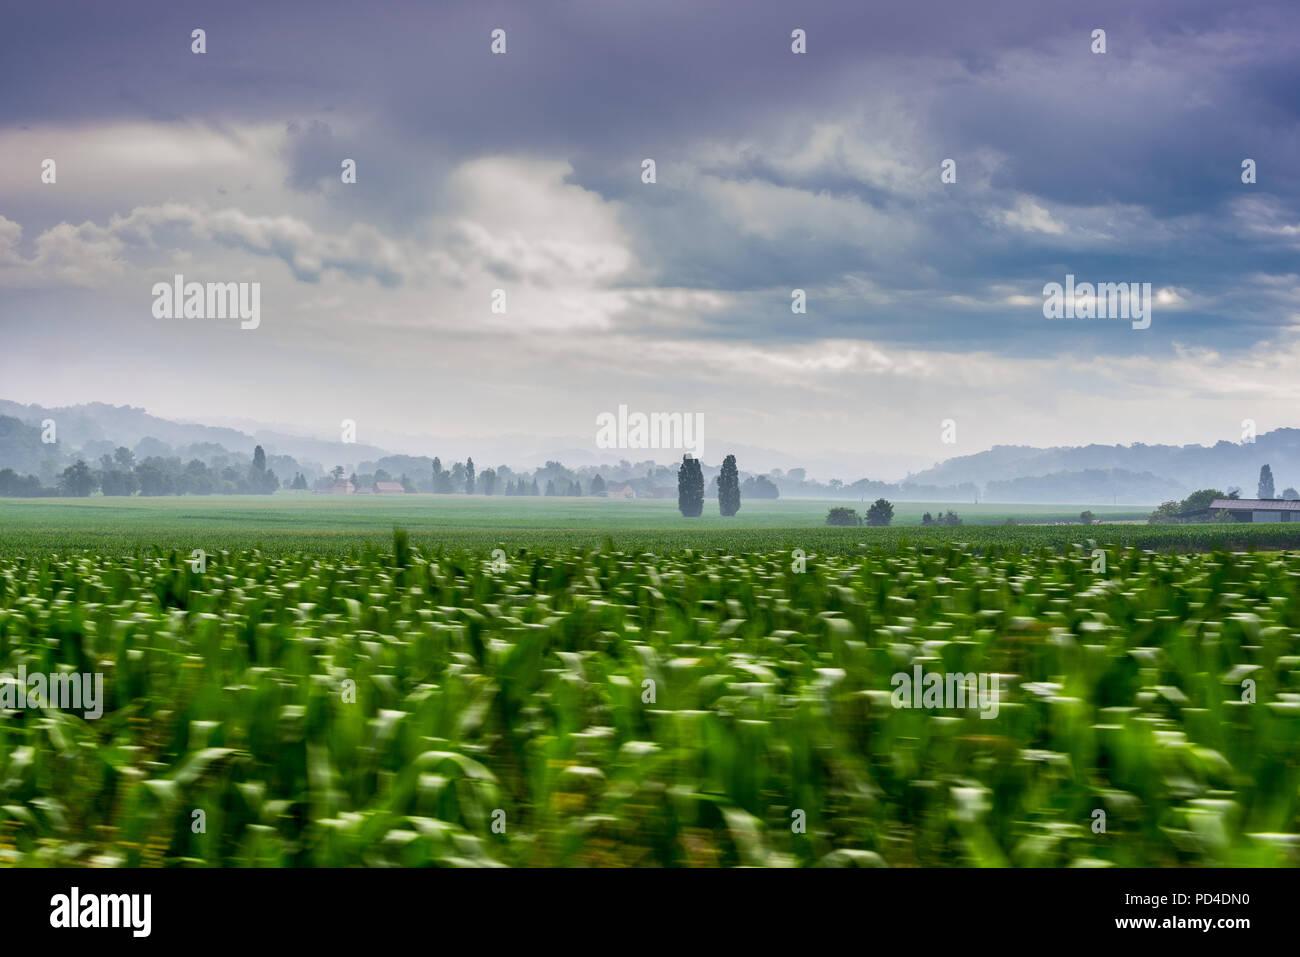 Schuß von Feldern in der Nähe von arzacq Frankreich genommen Stockfoto